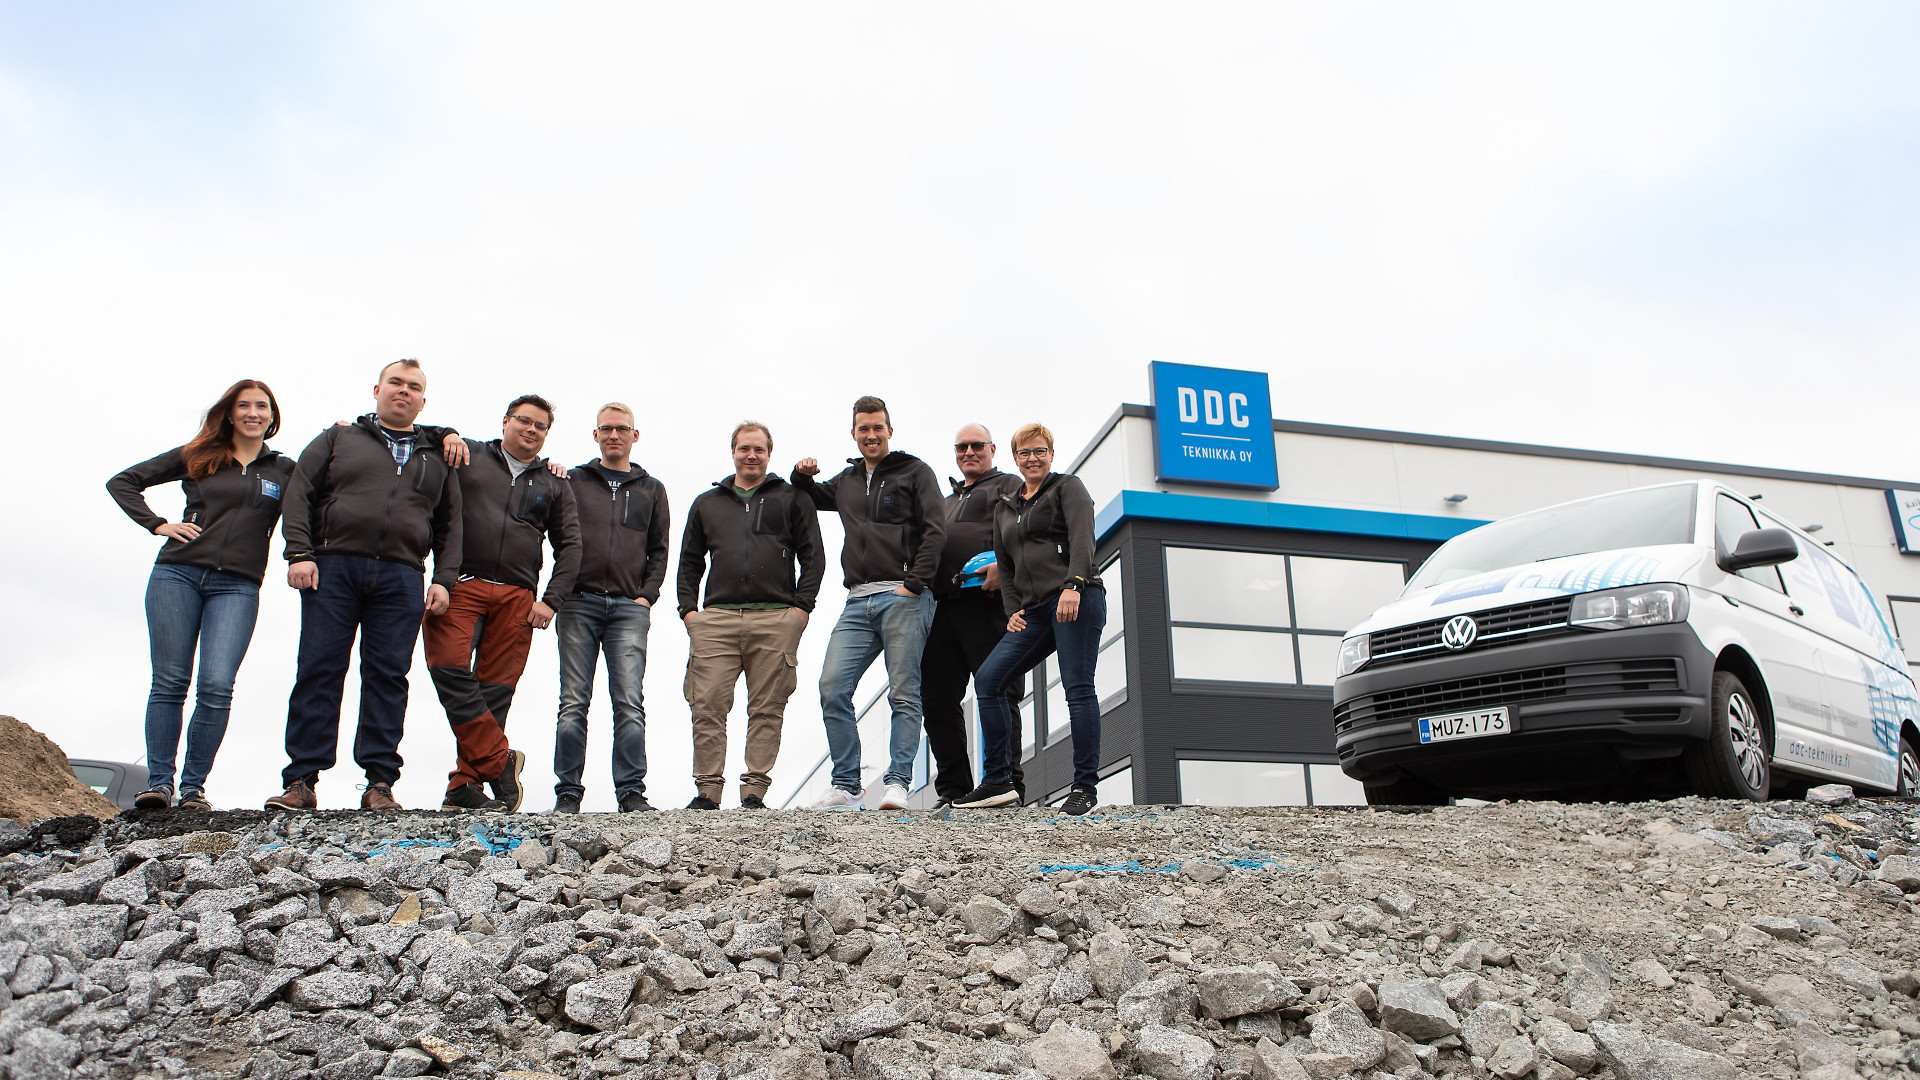 Tamperelainen rakennusautomaatiourakoitsija DDC-Tekniikka sai TT-sertifikaatin ensimmäisenä rakennusautomaatioalan yrityksenä Suomessa. DDC-Tekniikan henkilökuntaa kokoontui syksyllä uuden Pirkkalan toimiston pihalle. Kuva: Opa Latvala